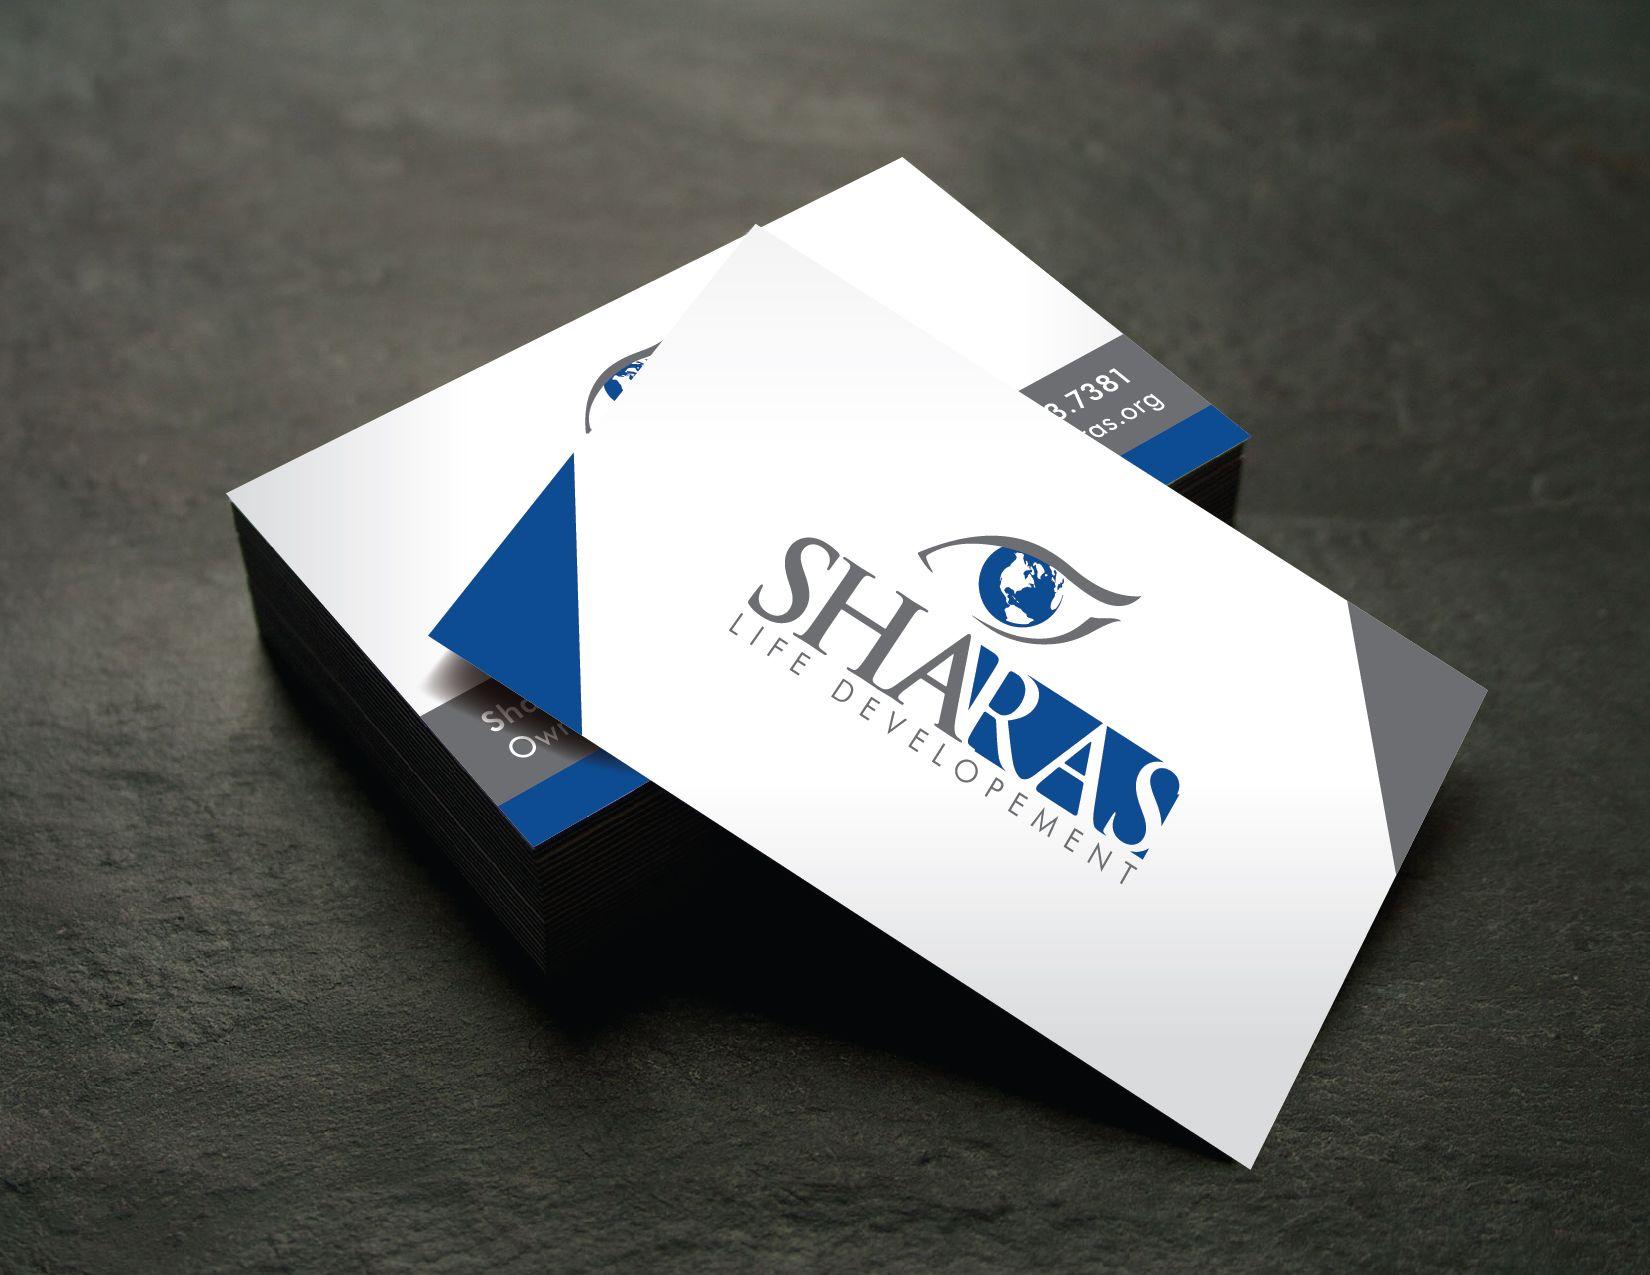 Sharas Life Development Logo And Business Card Design Marketing